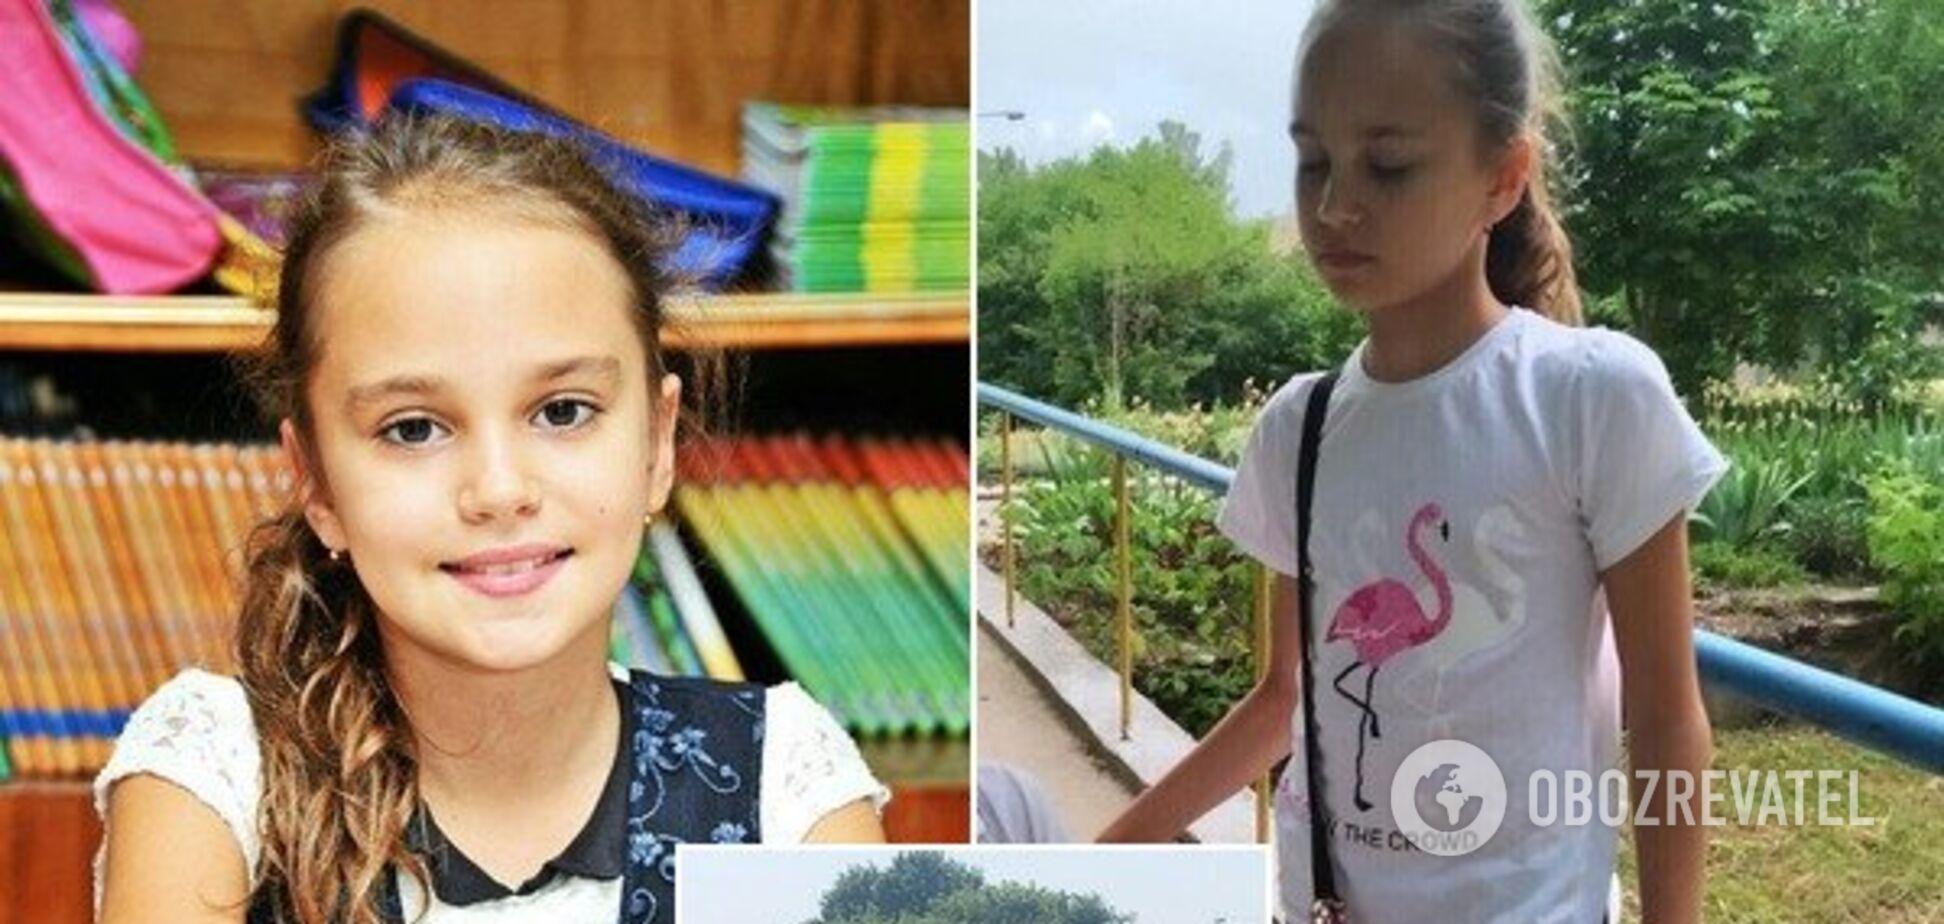 'Ее не стало из-за мерзкого существа!' Появились жуткие подробности о гибели 11-летней Даши